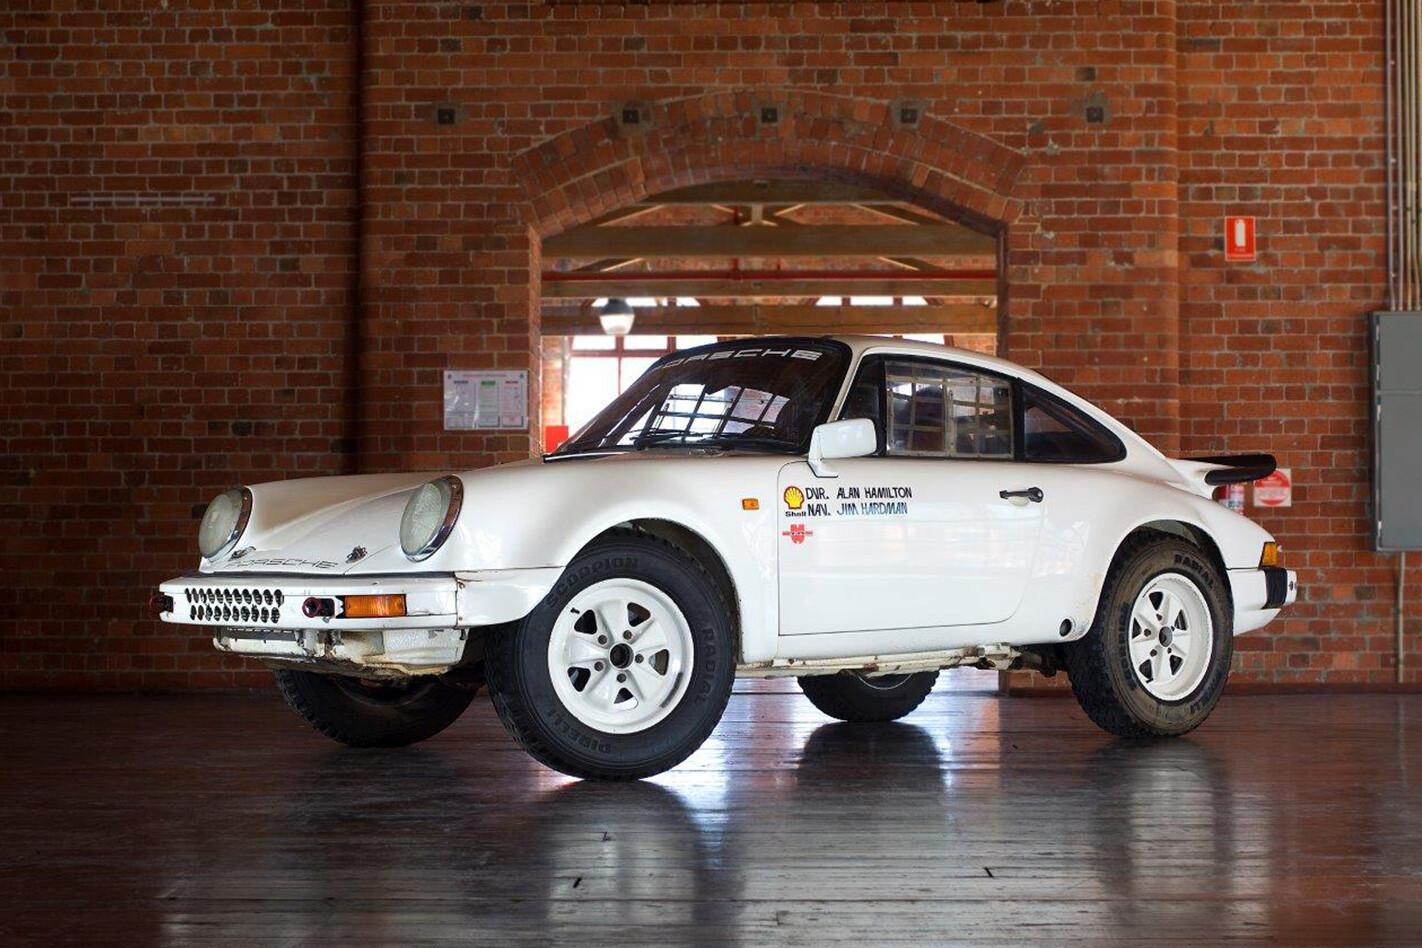 Porsche Awd Fox Jpg